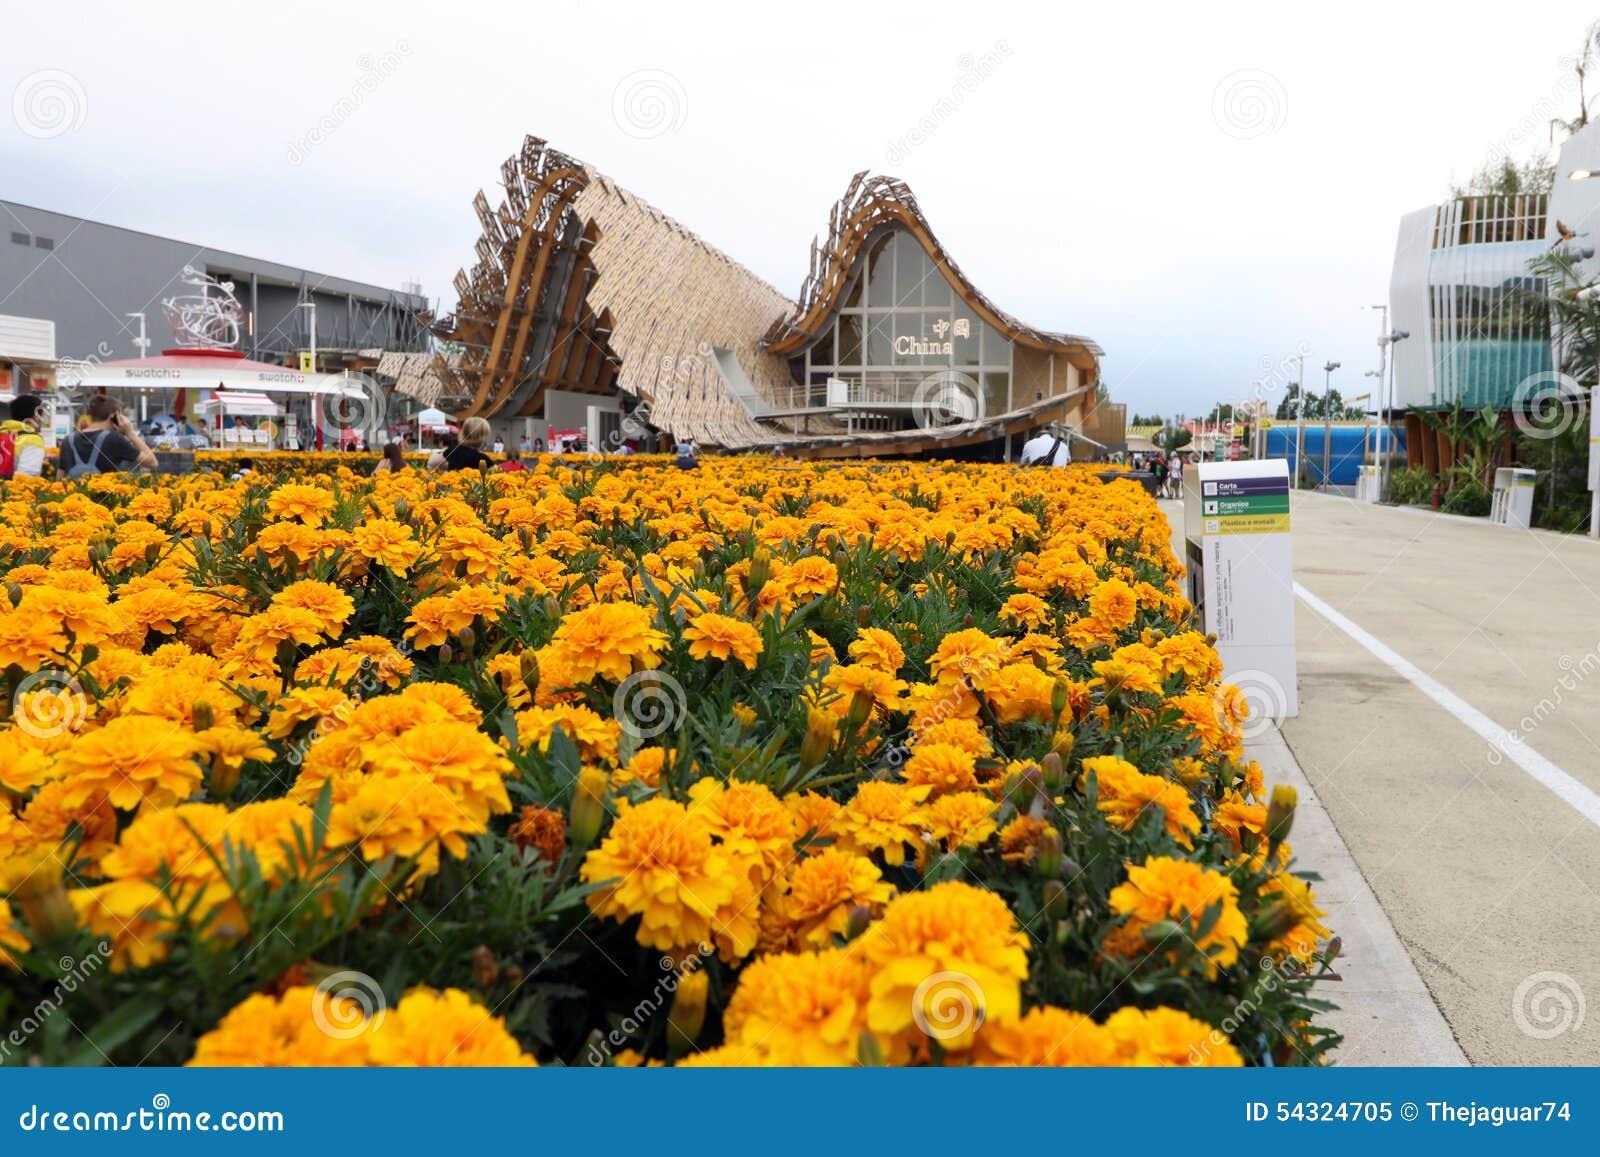 Expo2015 milan, milano